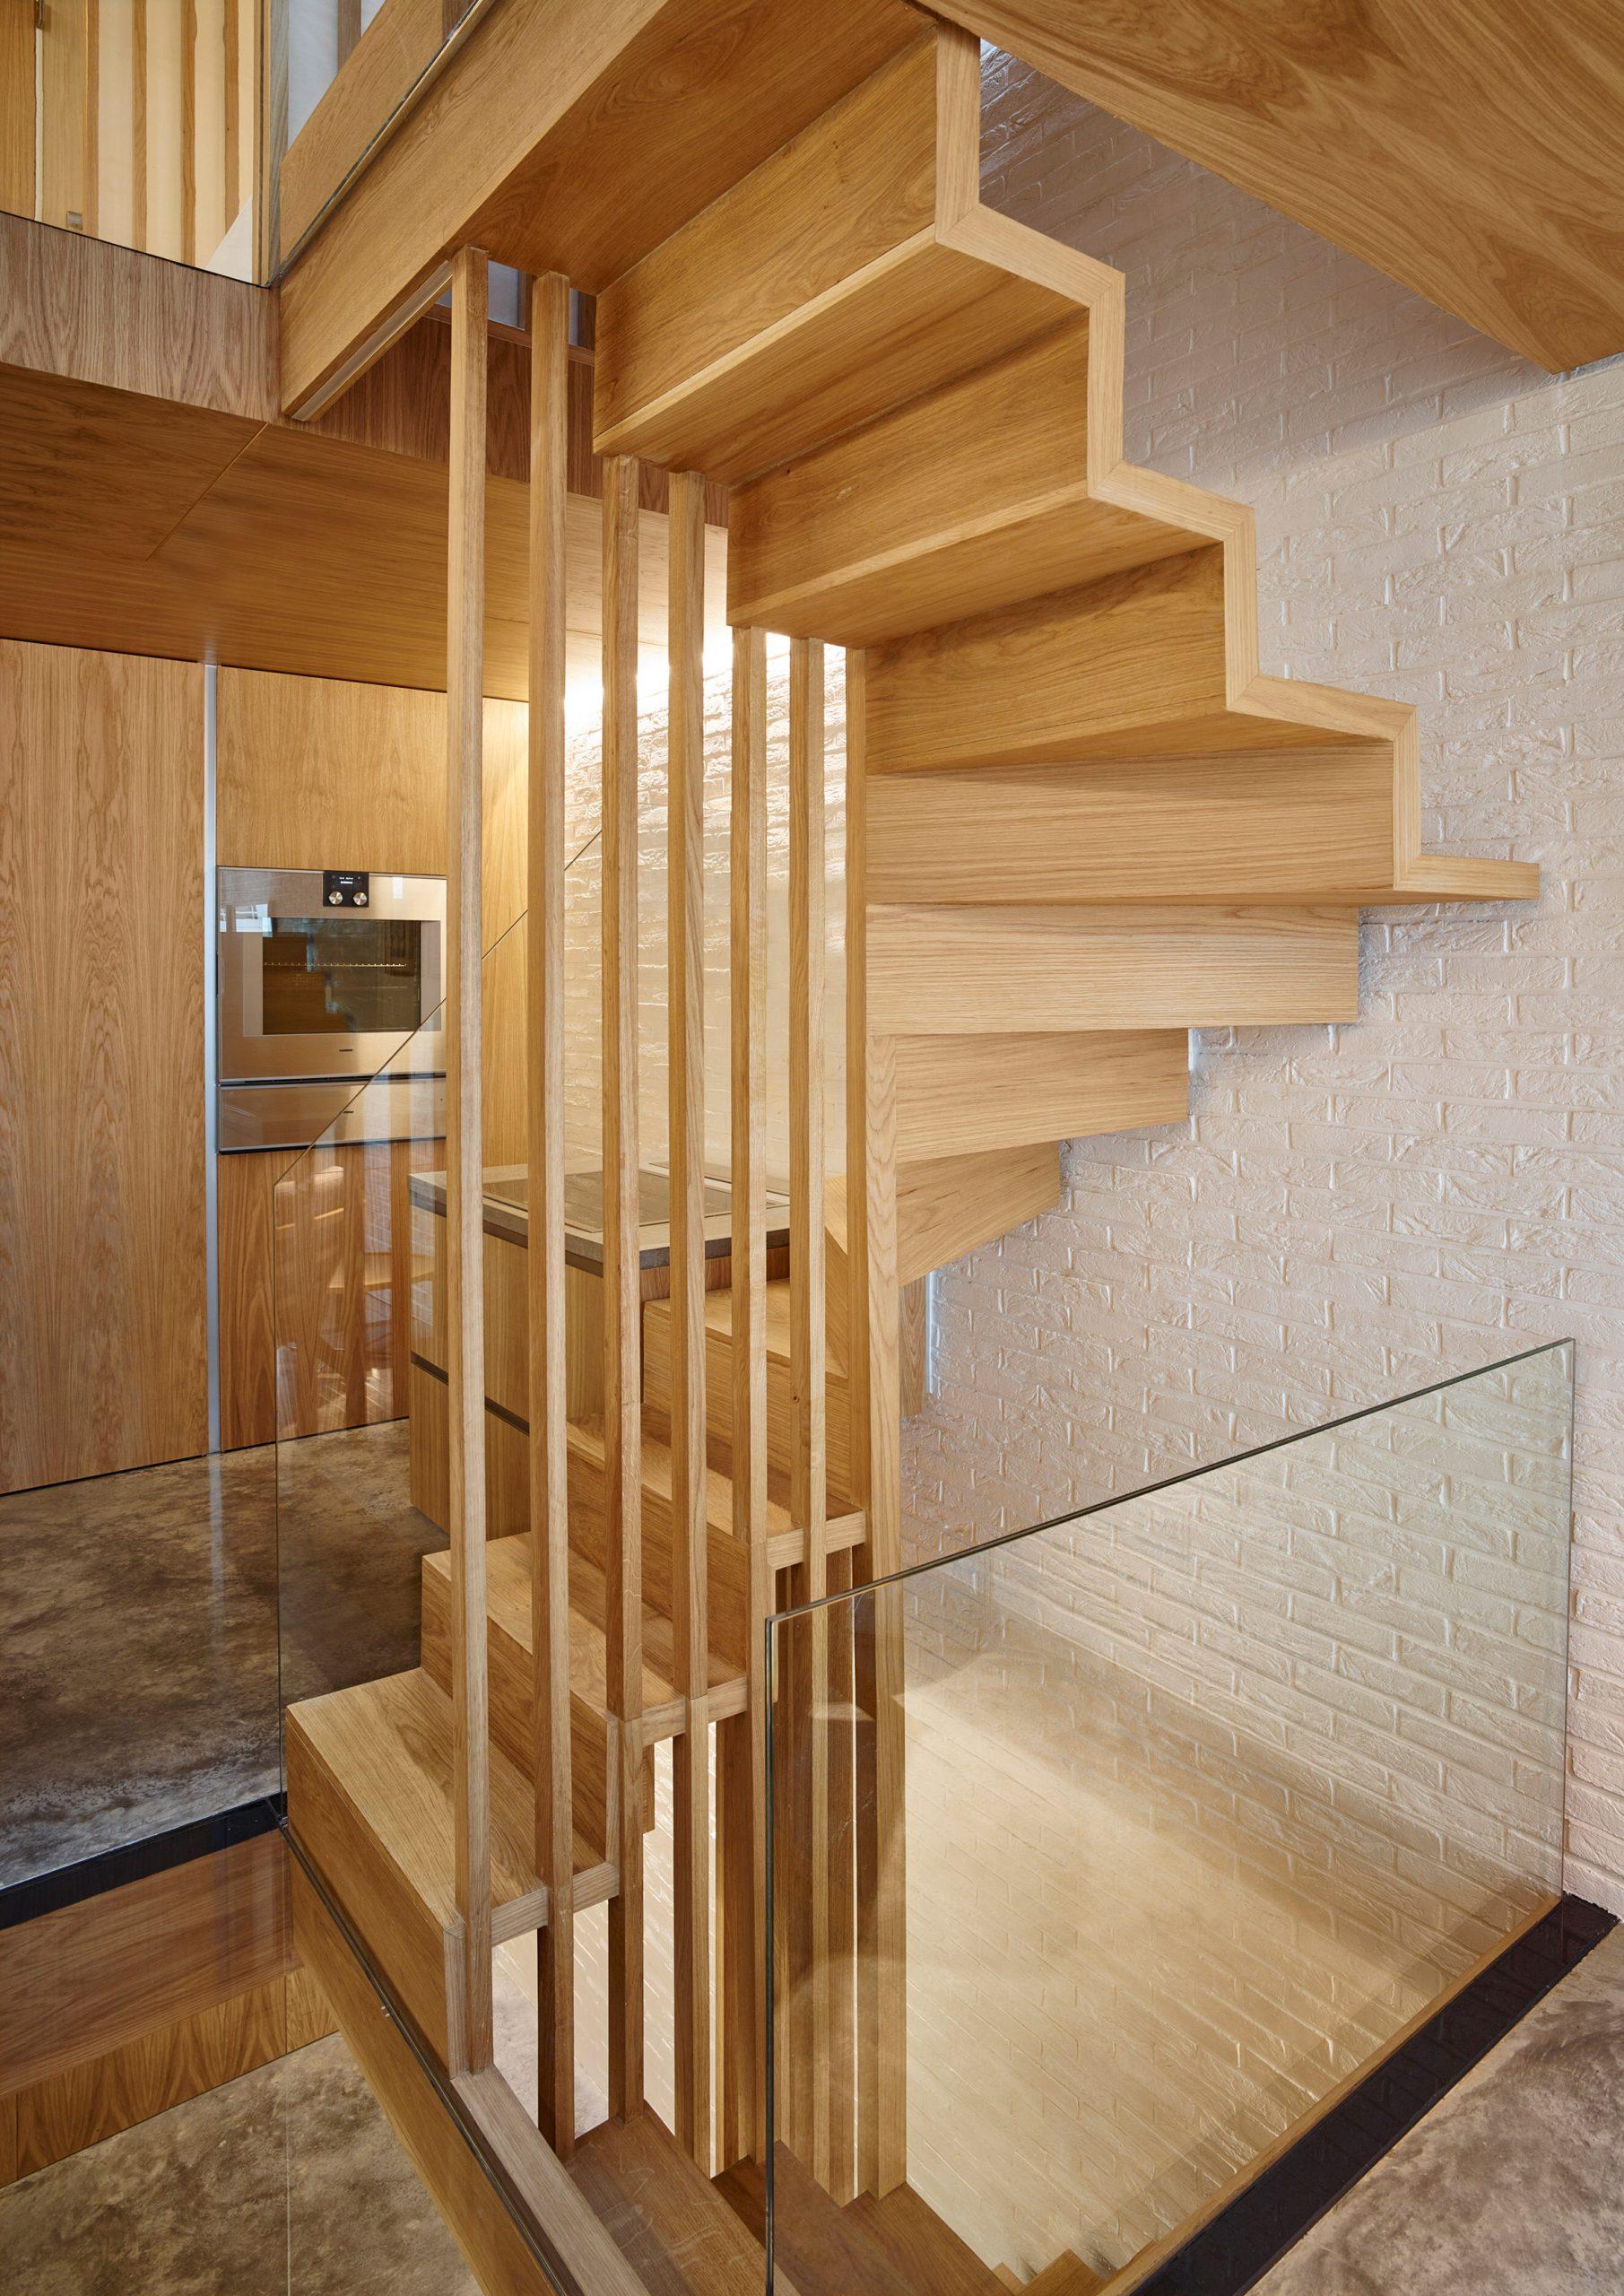 Thiết kế nhà gỗ hiện đại 12